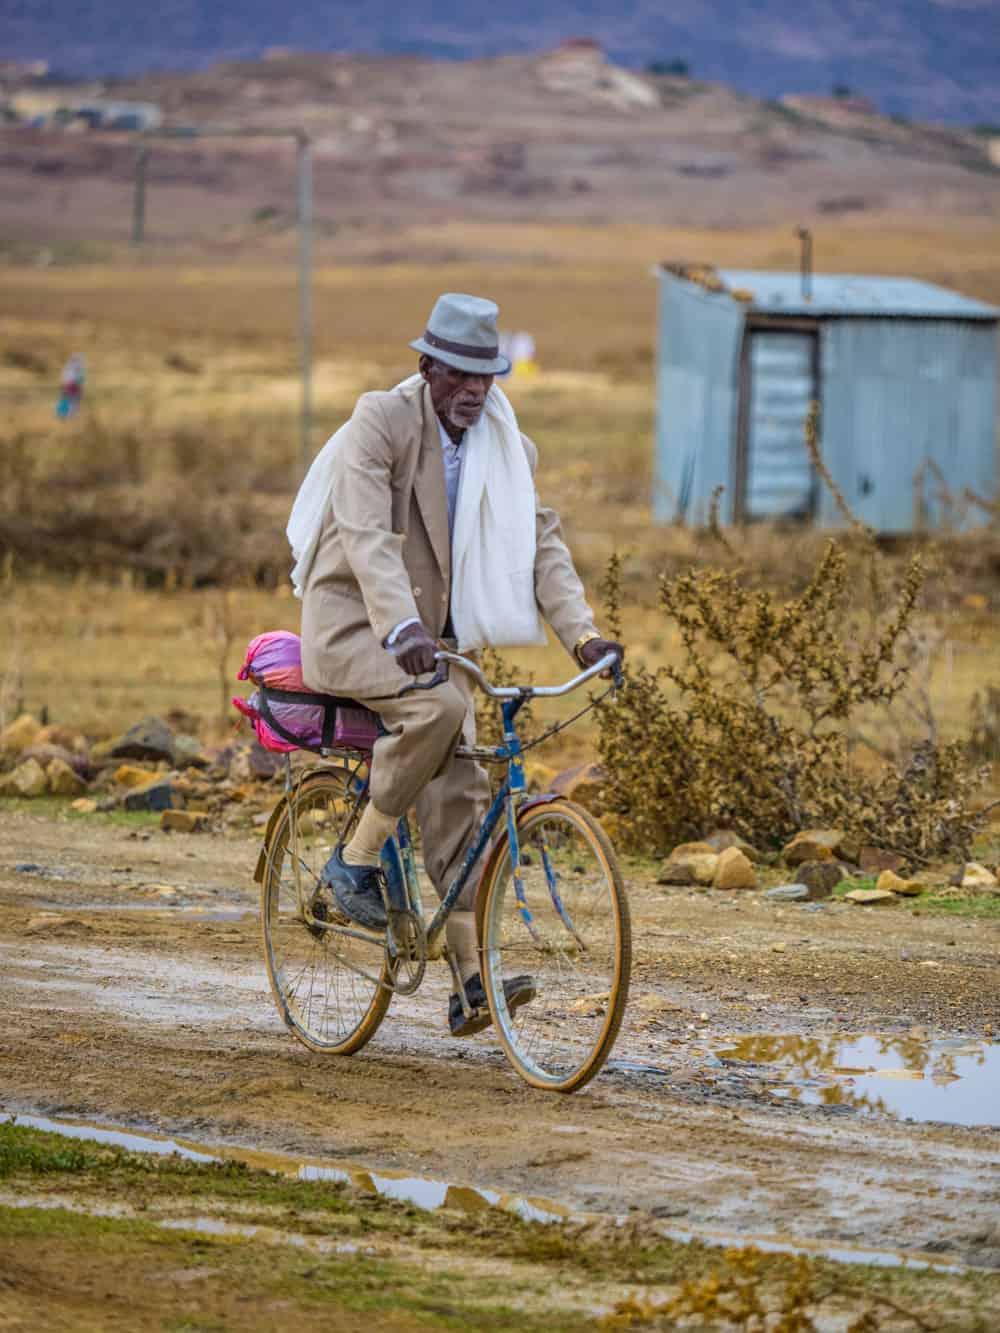 locals in eritrea